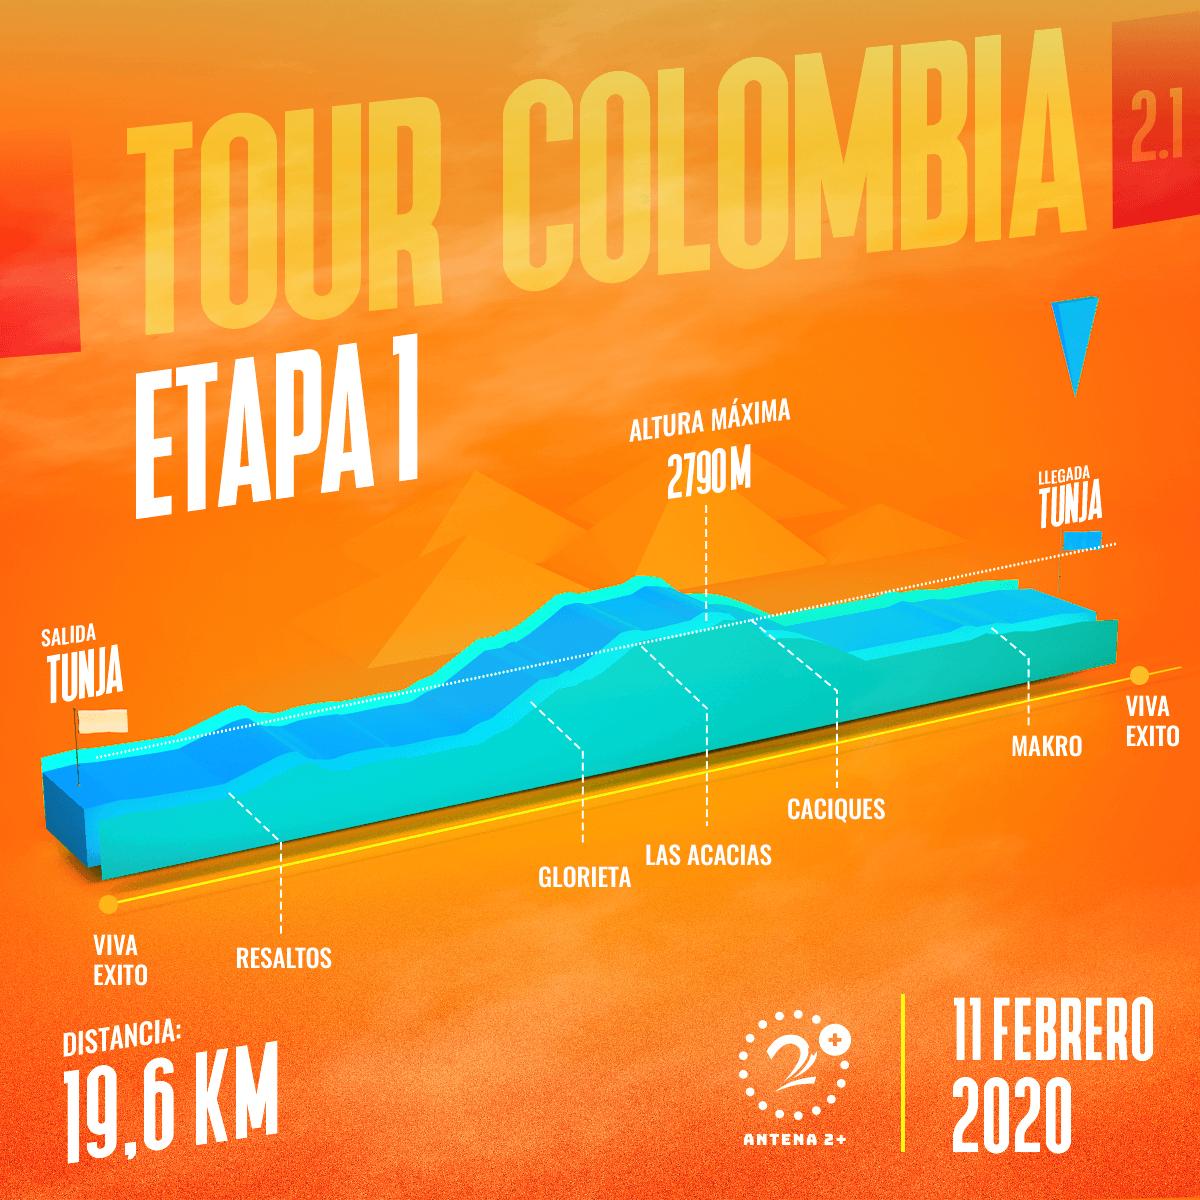 Tour Colombia 2020, etapa 1